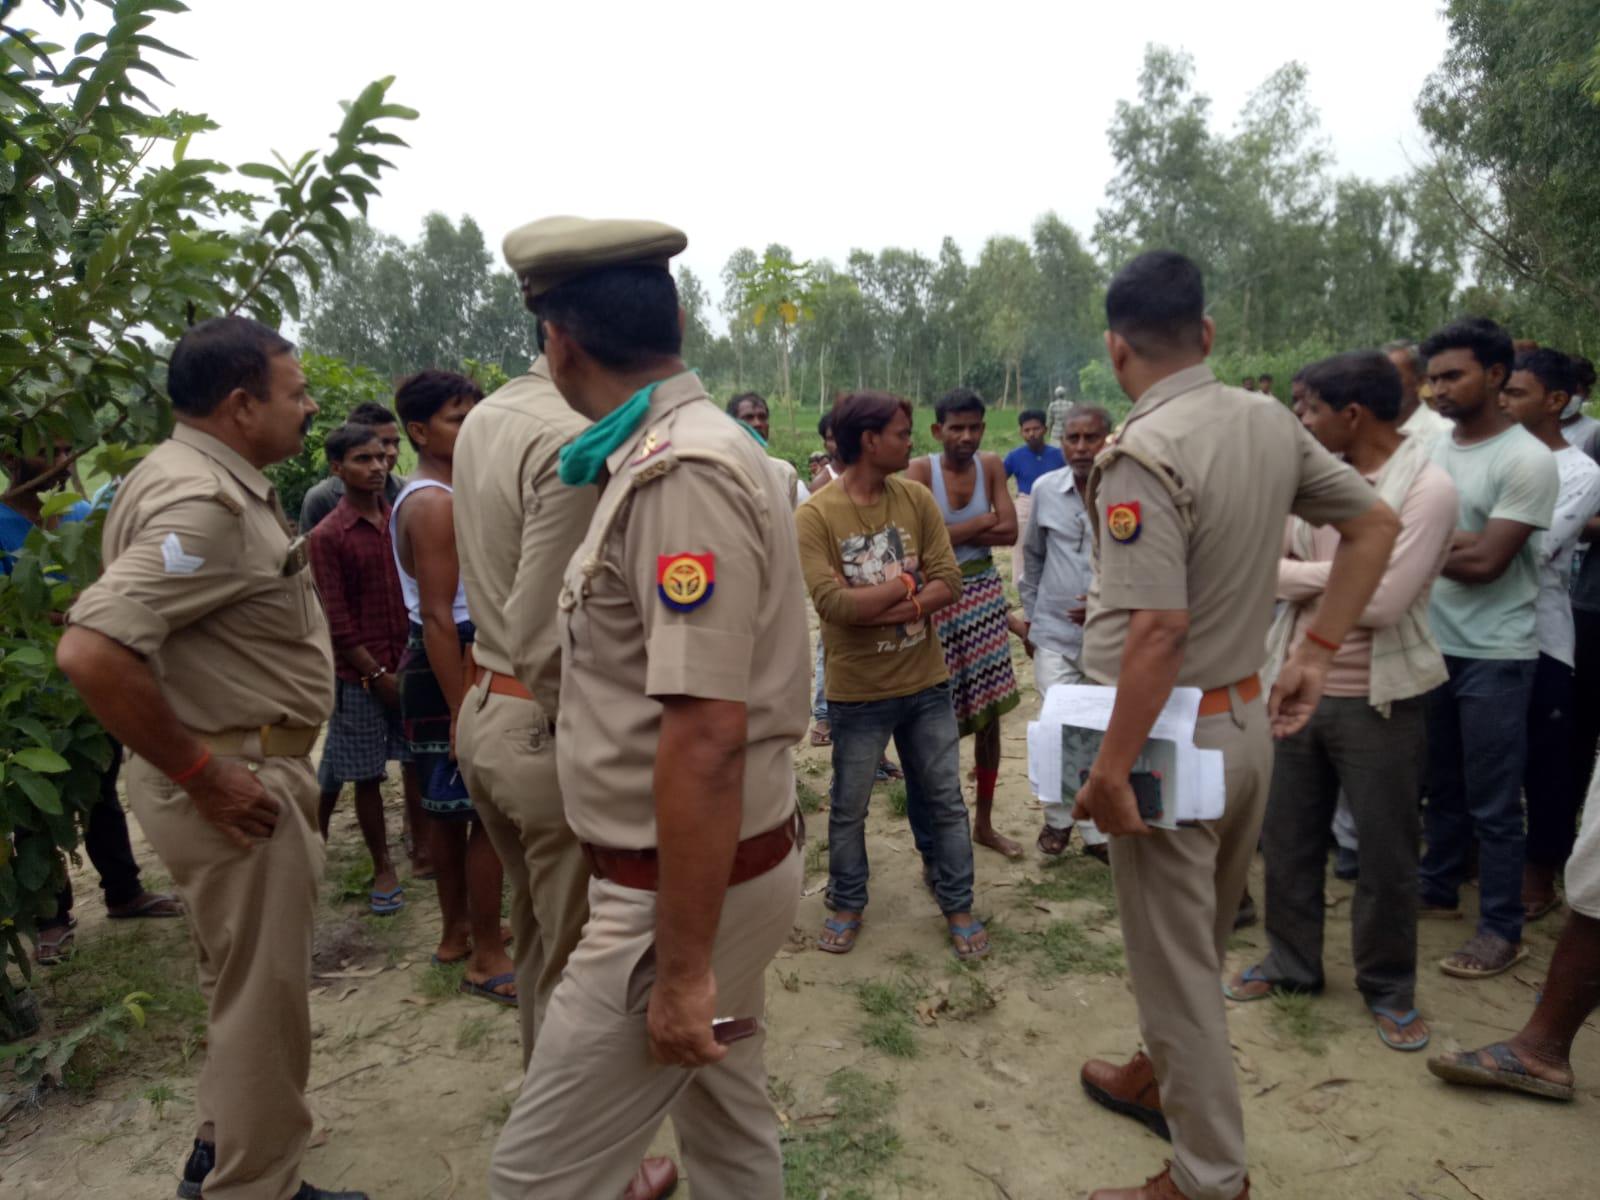 बेटों से अनबन के कारण पत्नी को लेकर अलग रहते थे, बेटियां बोलीं- छोटे भाई की प्रेमिका ने जमीन हड़पने के लिए कराई पिता की हत्या लखनऊ,Lucknow - Dainik Bhaskar